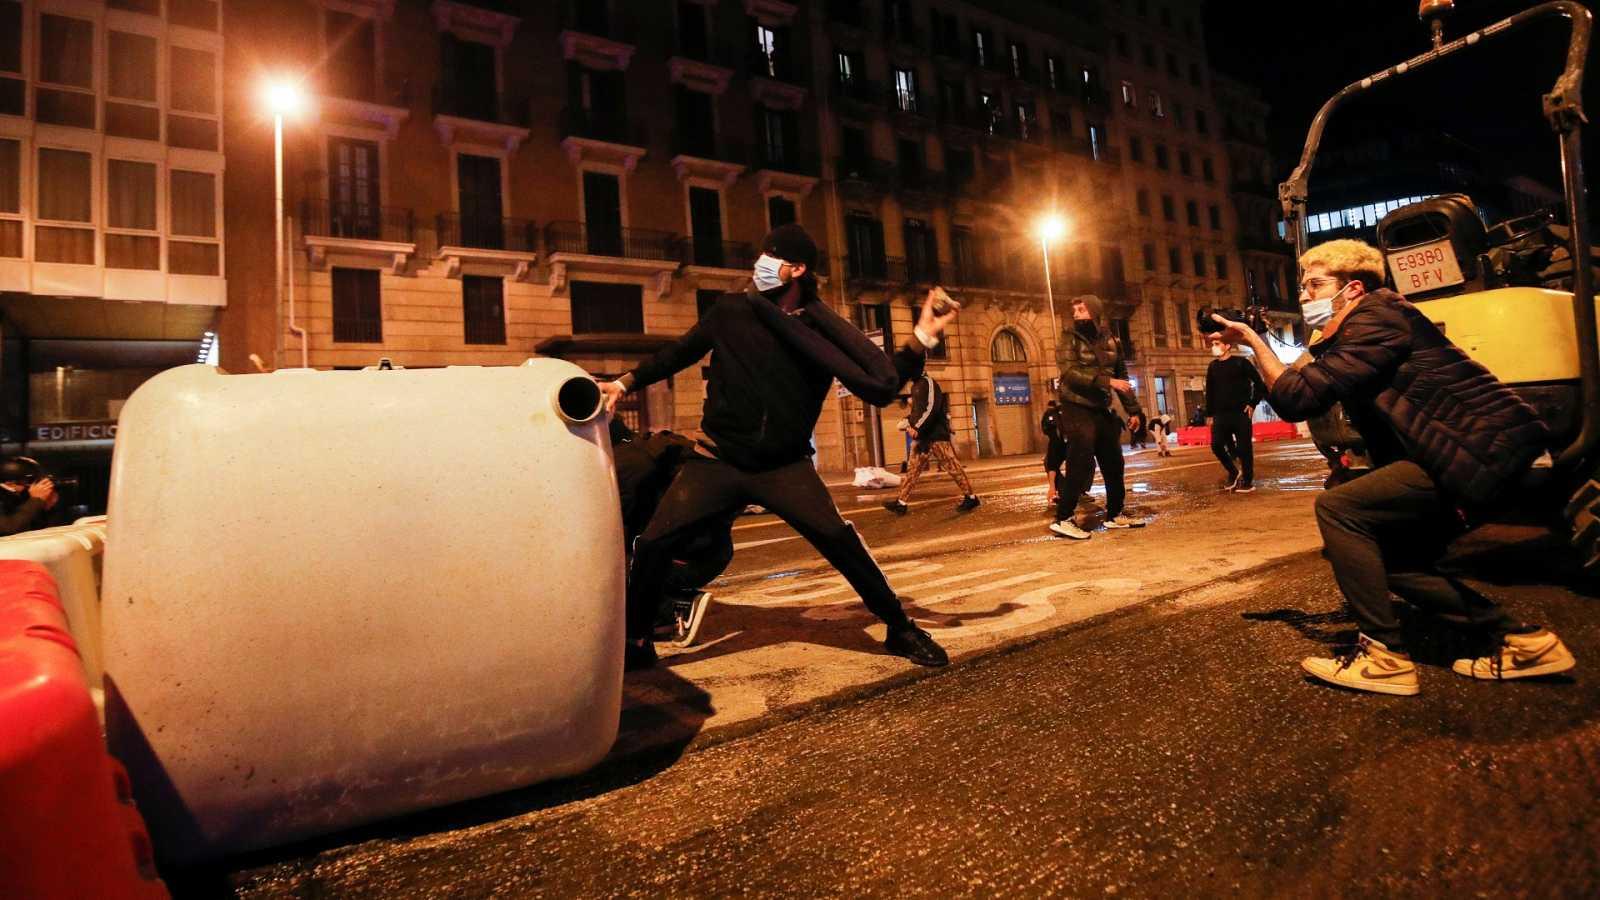 Cargas en Madrid y segunda noche de disturbios en Cataluña en las protestas en apoyo a Pablo Hasél